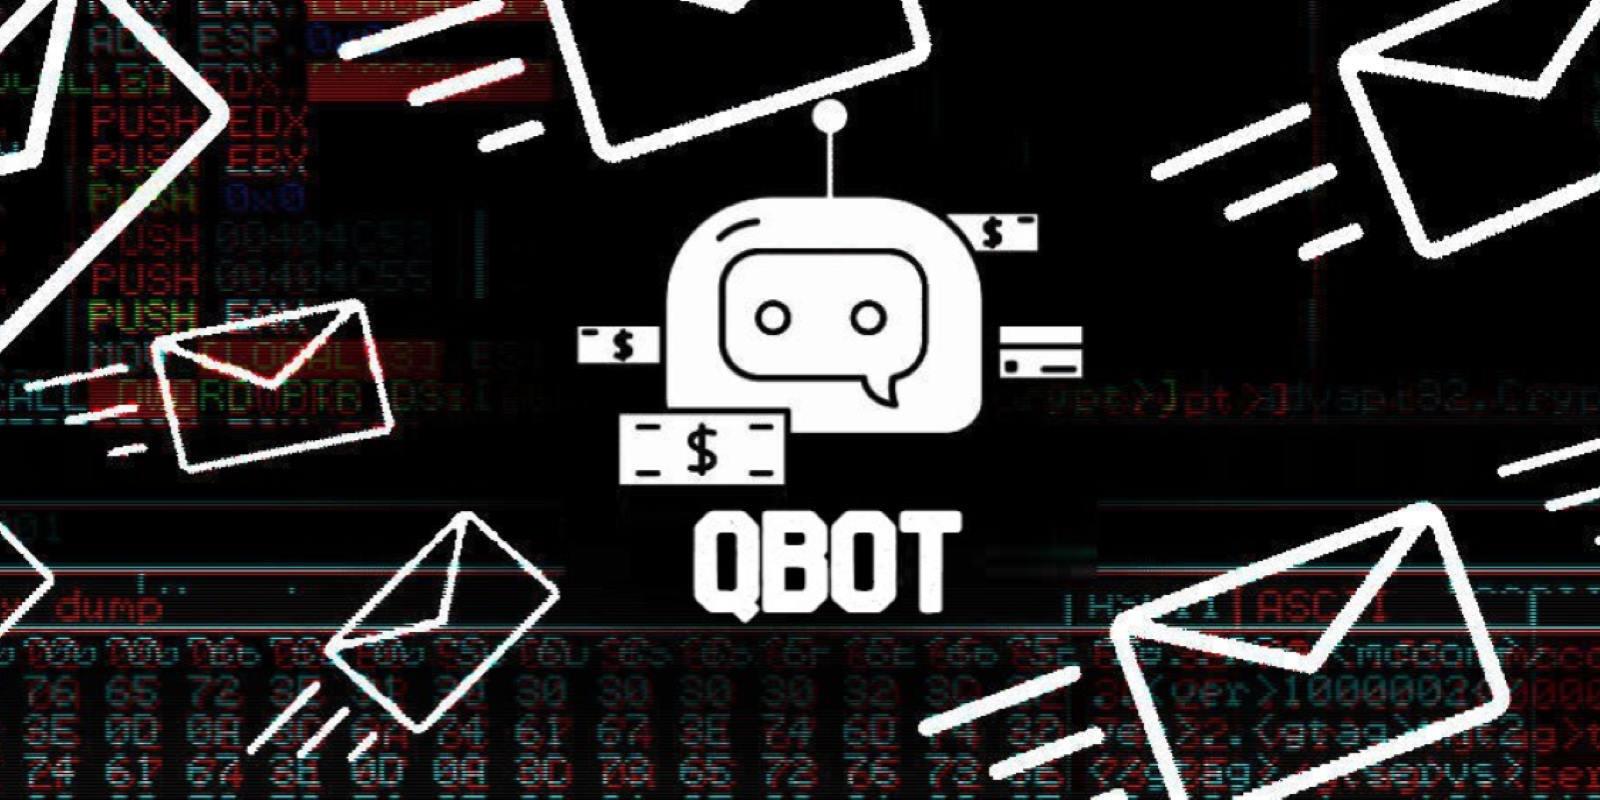 Qbot ruba i tuoi thread di posta elettronica per infettare altre vittime